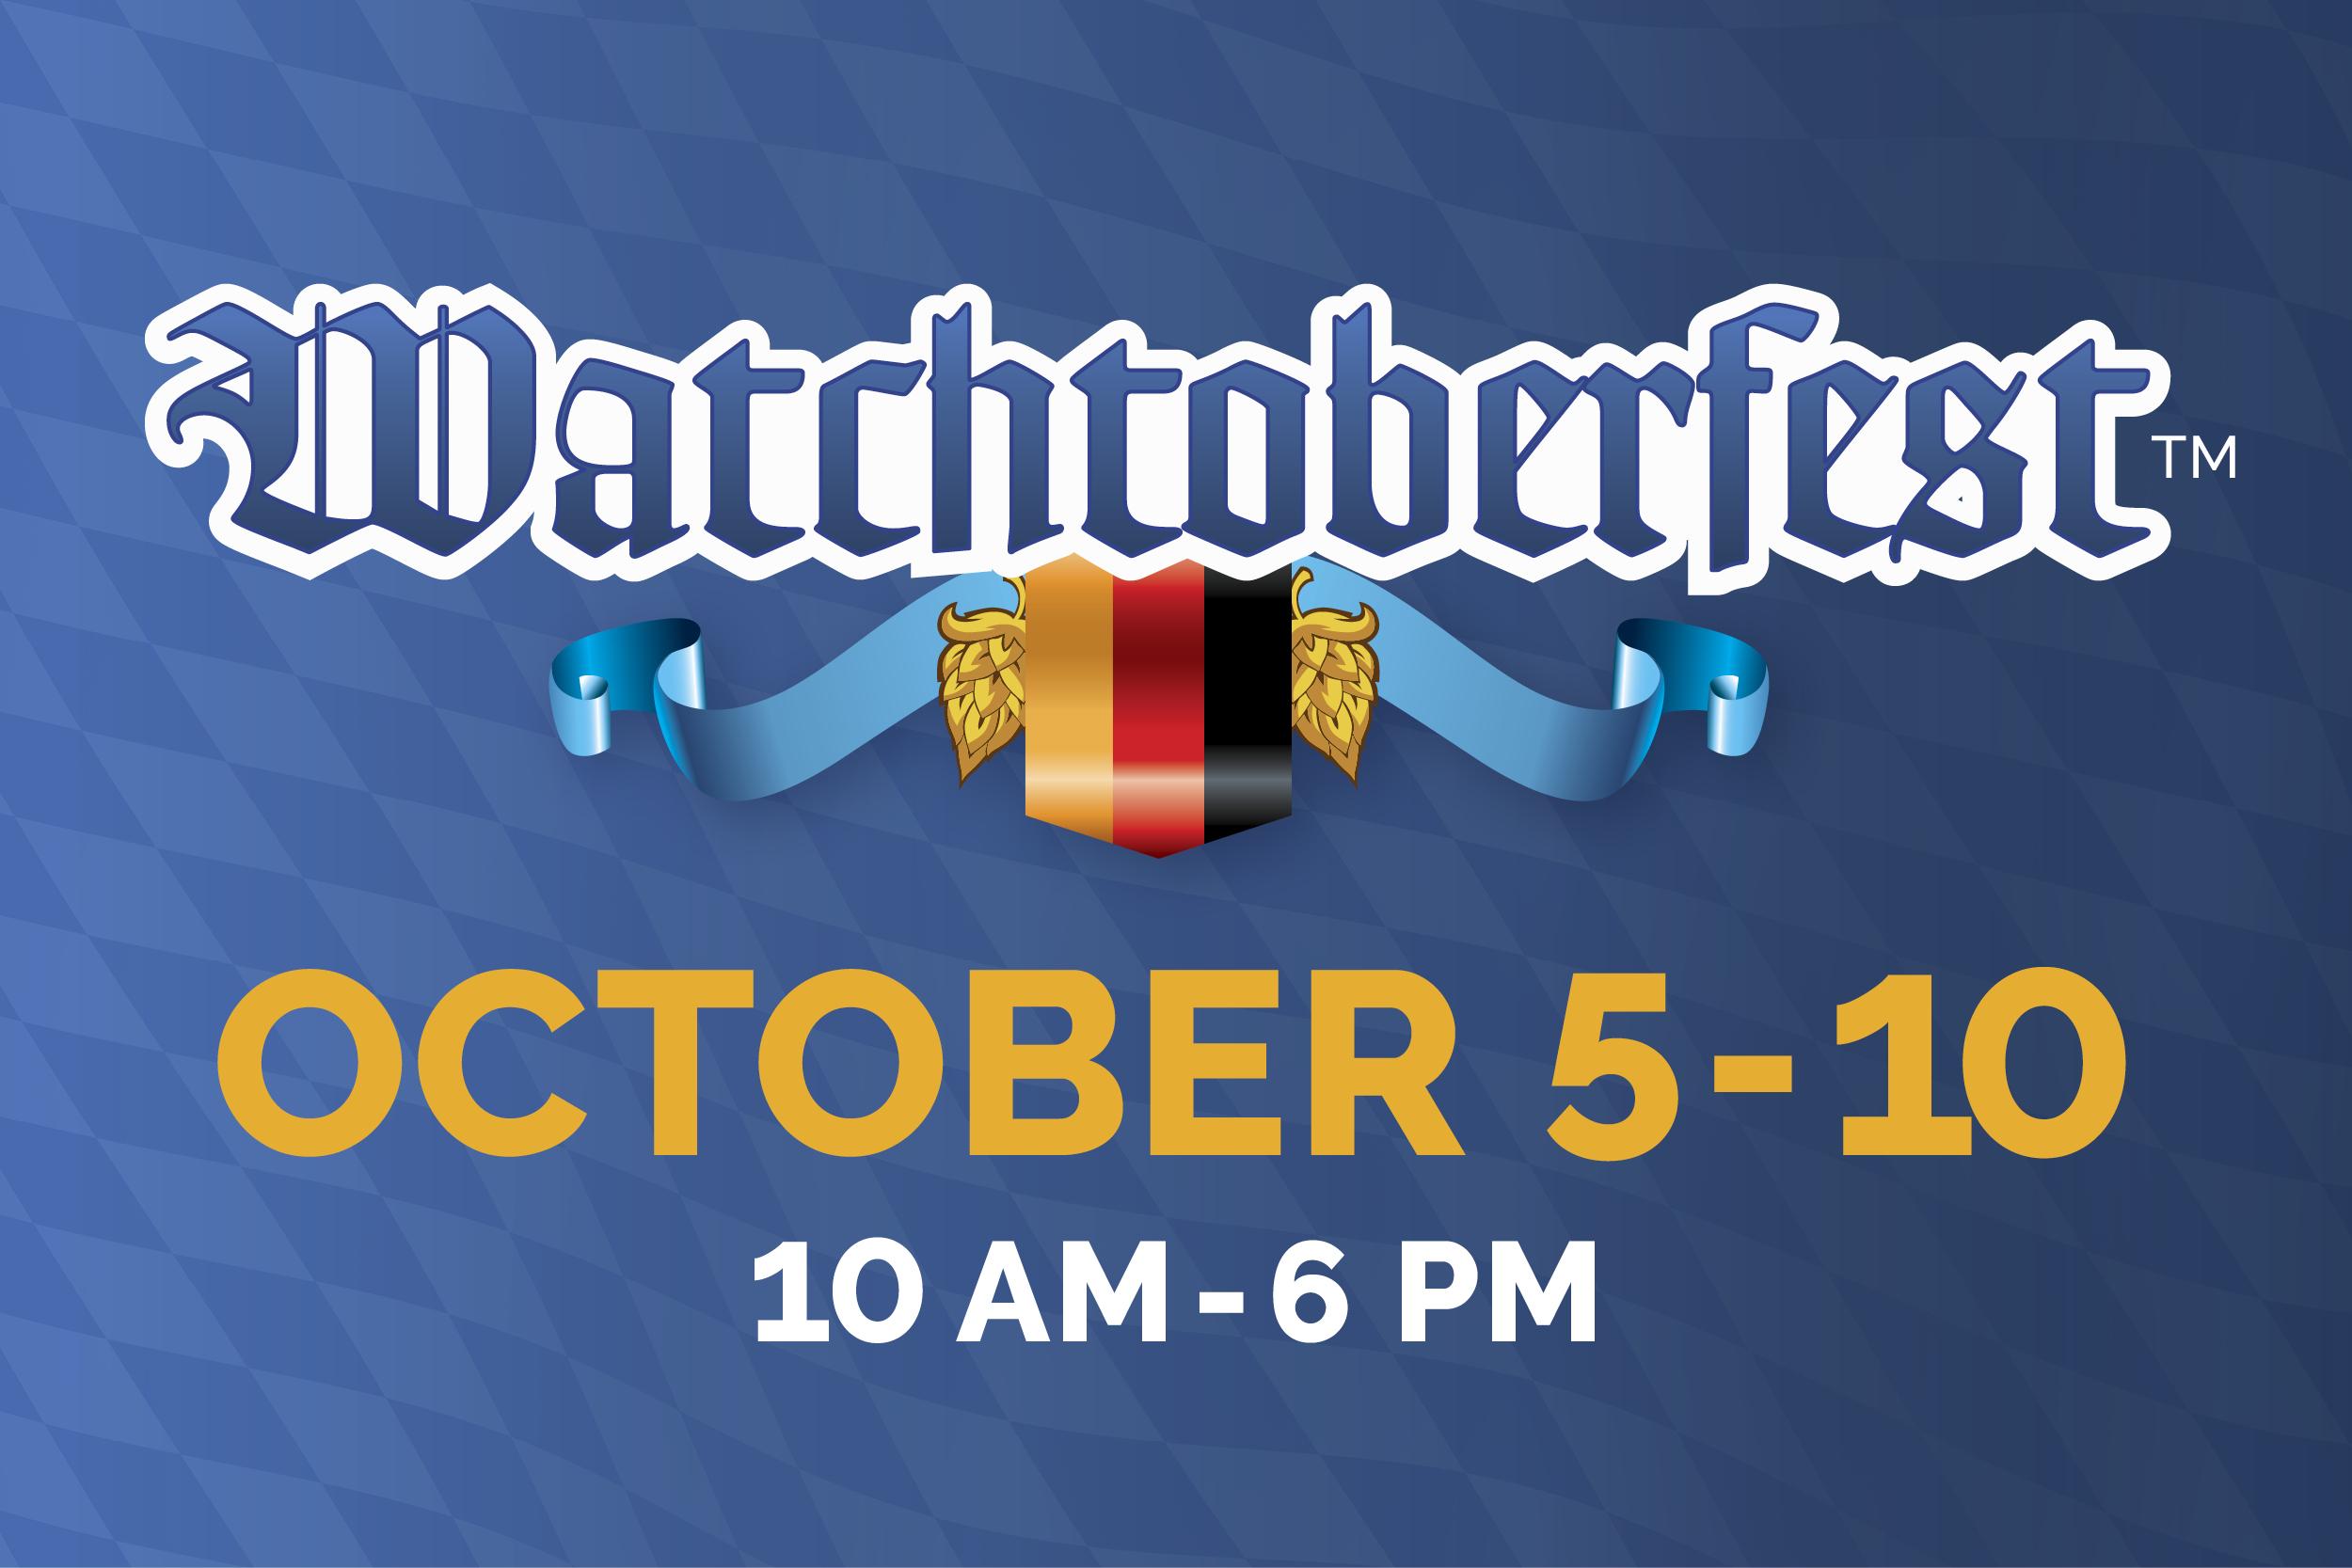 It's Watchtoberfest™ Week at Windsor!